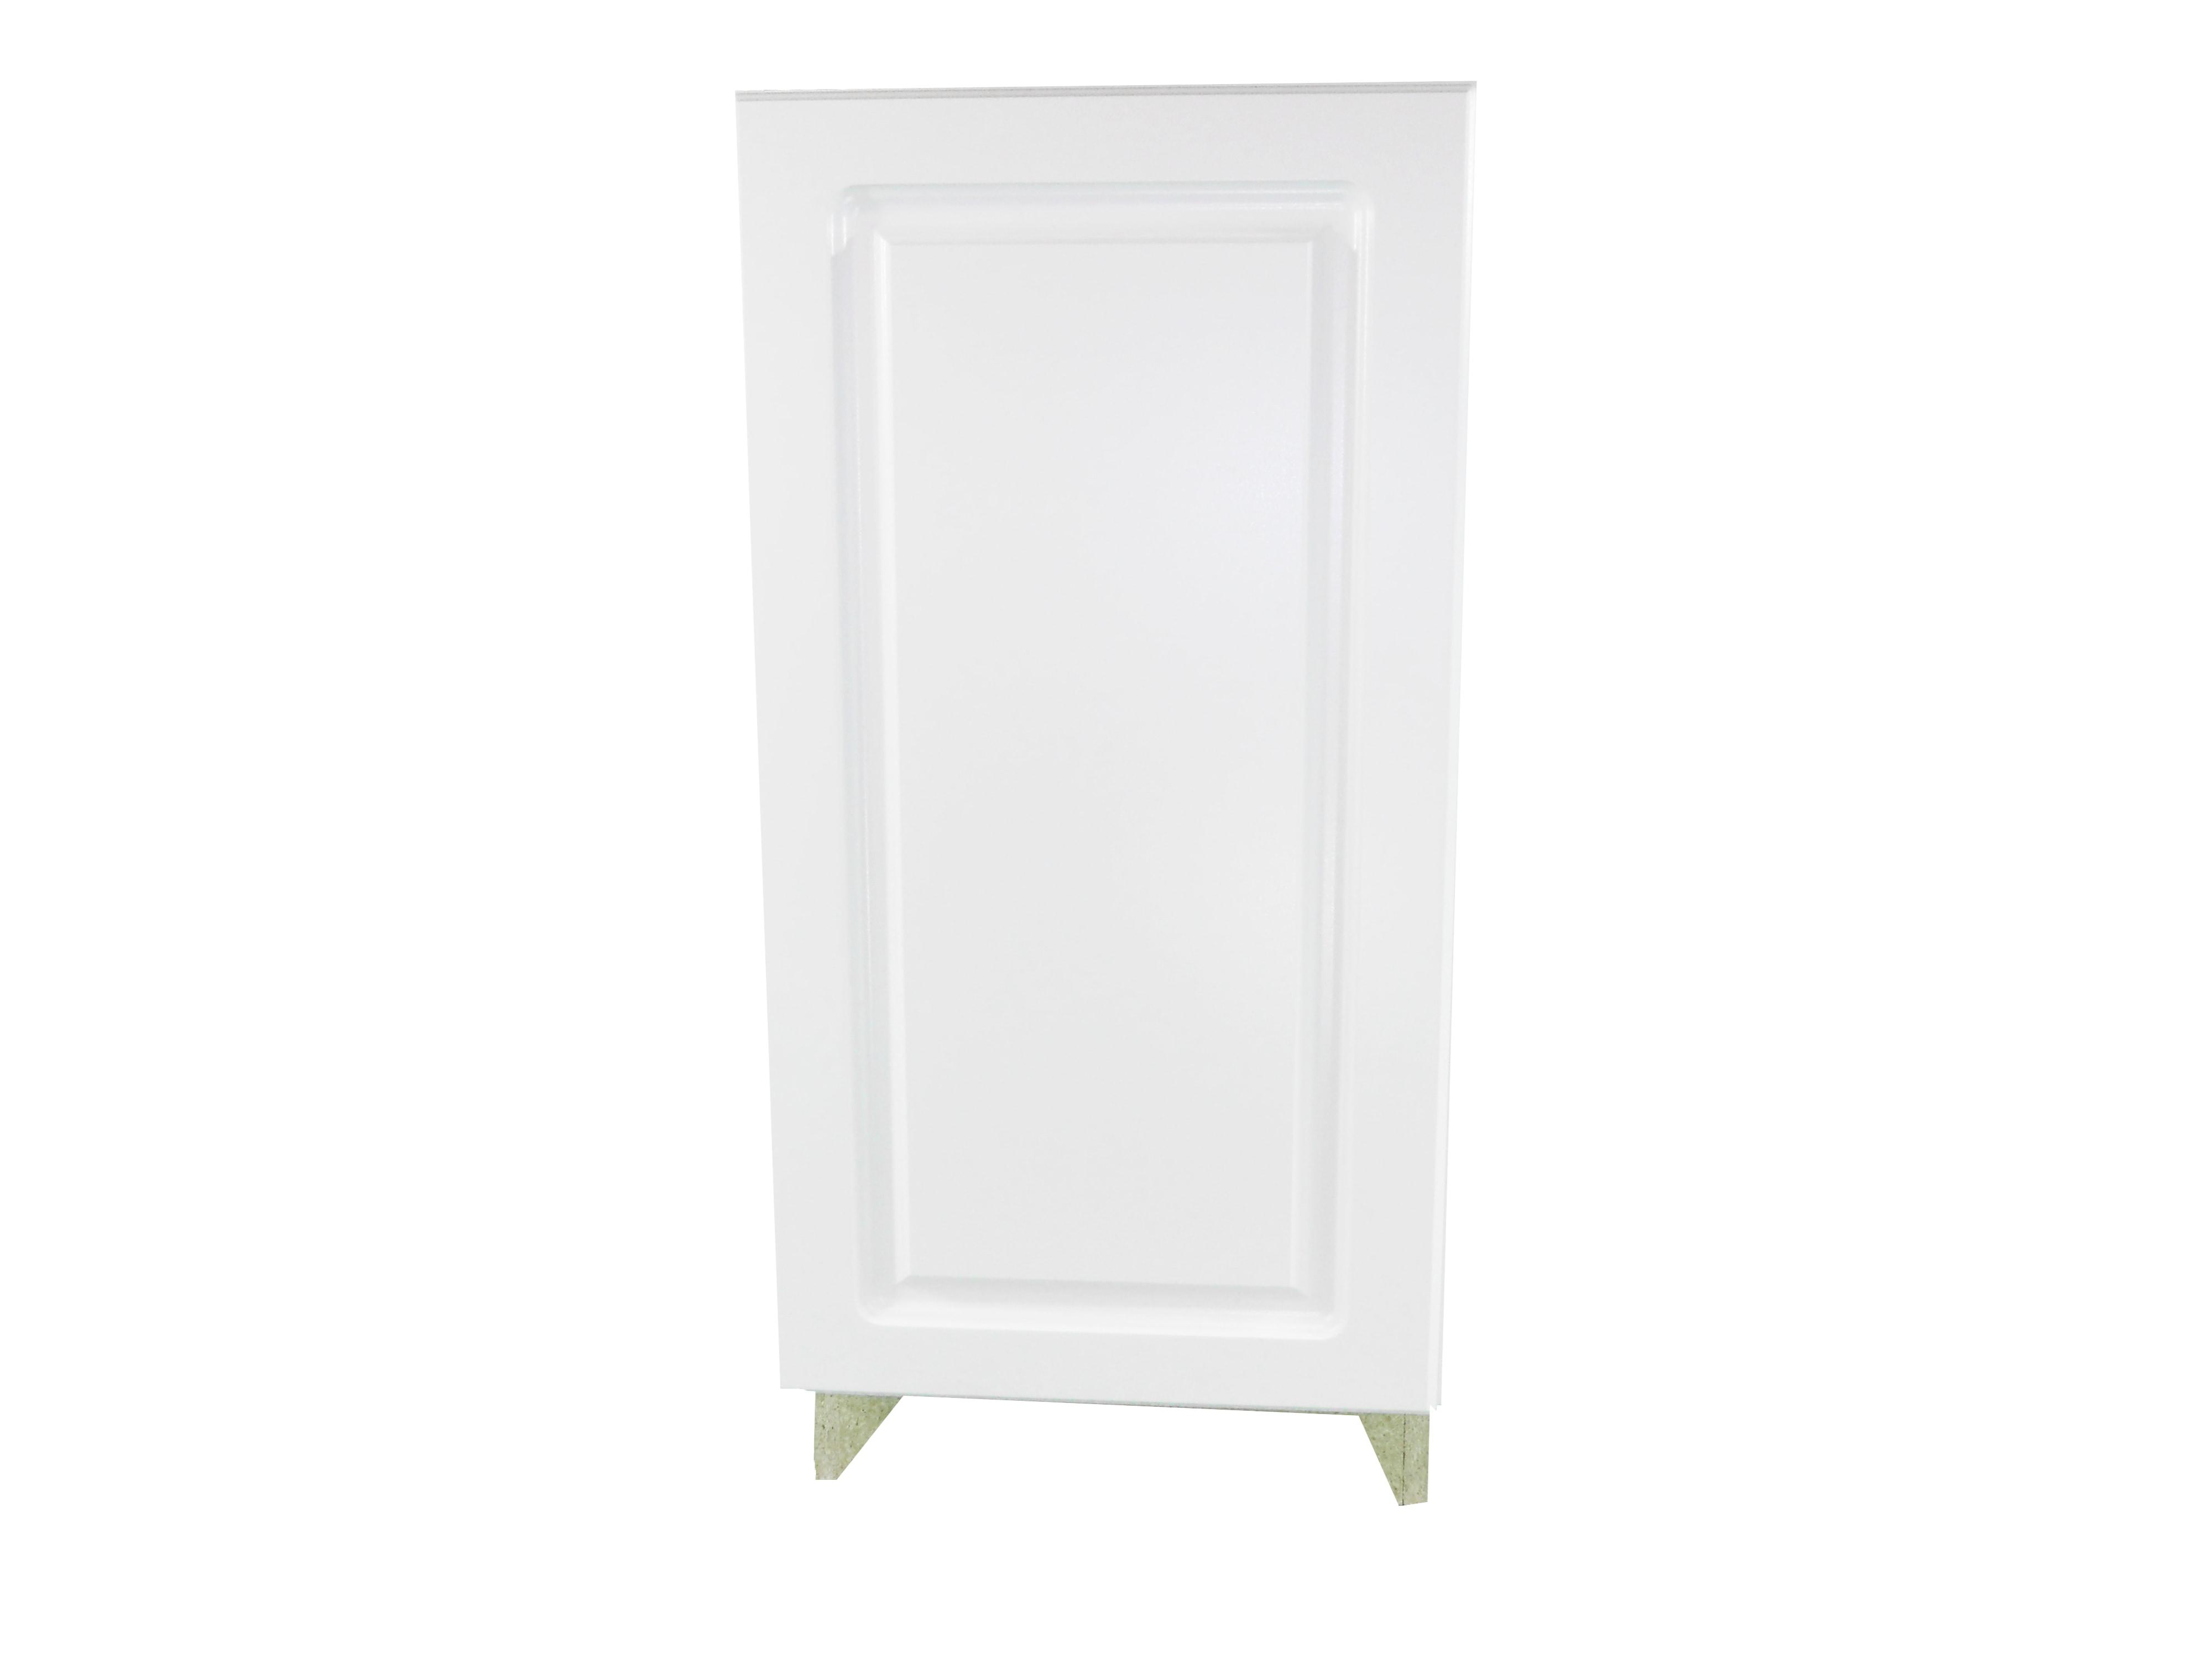 Base Cabinet With Door / San Juan / Raised Panel White / 21 San Juan 0